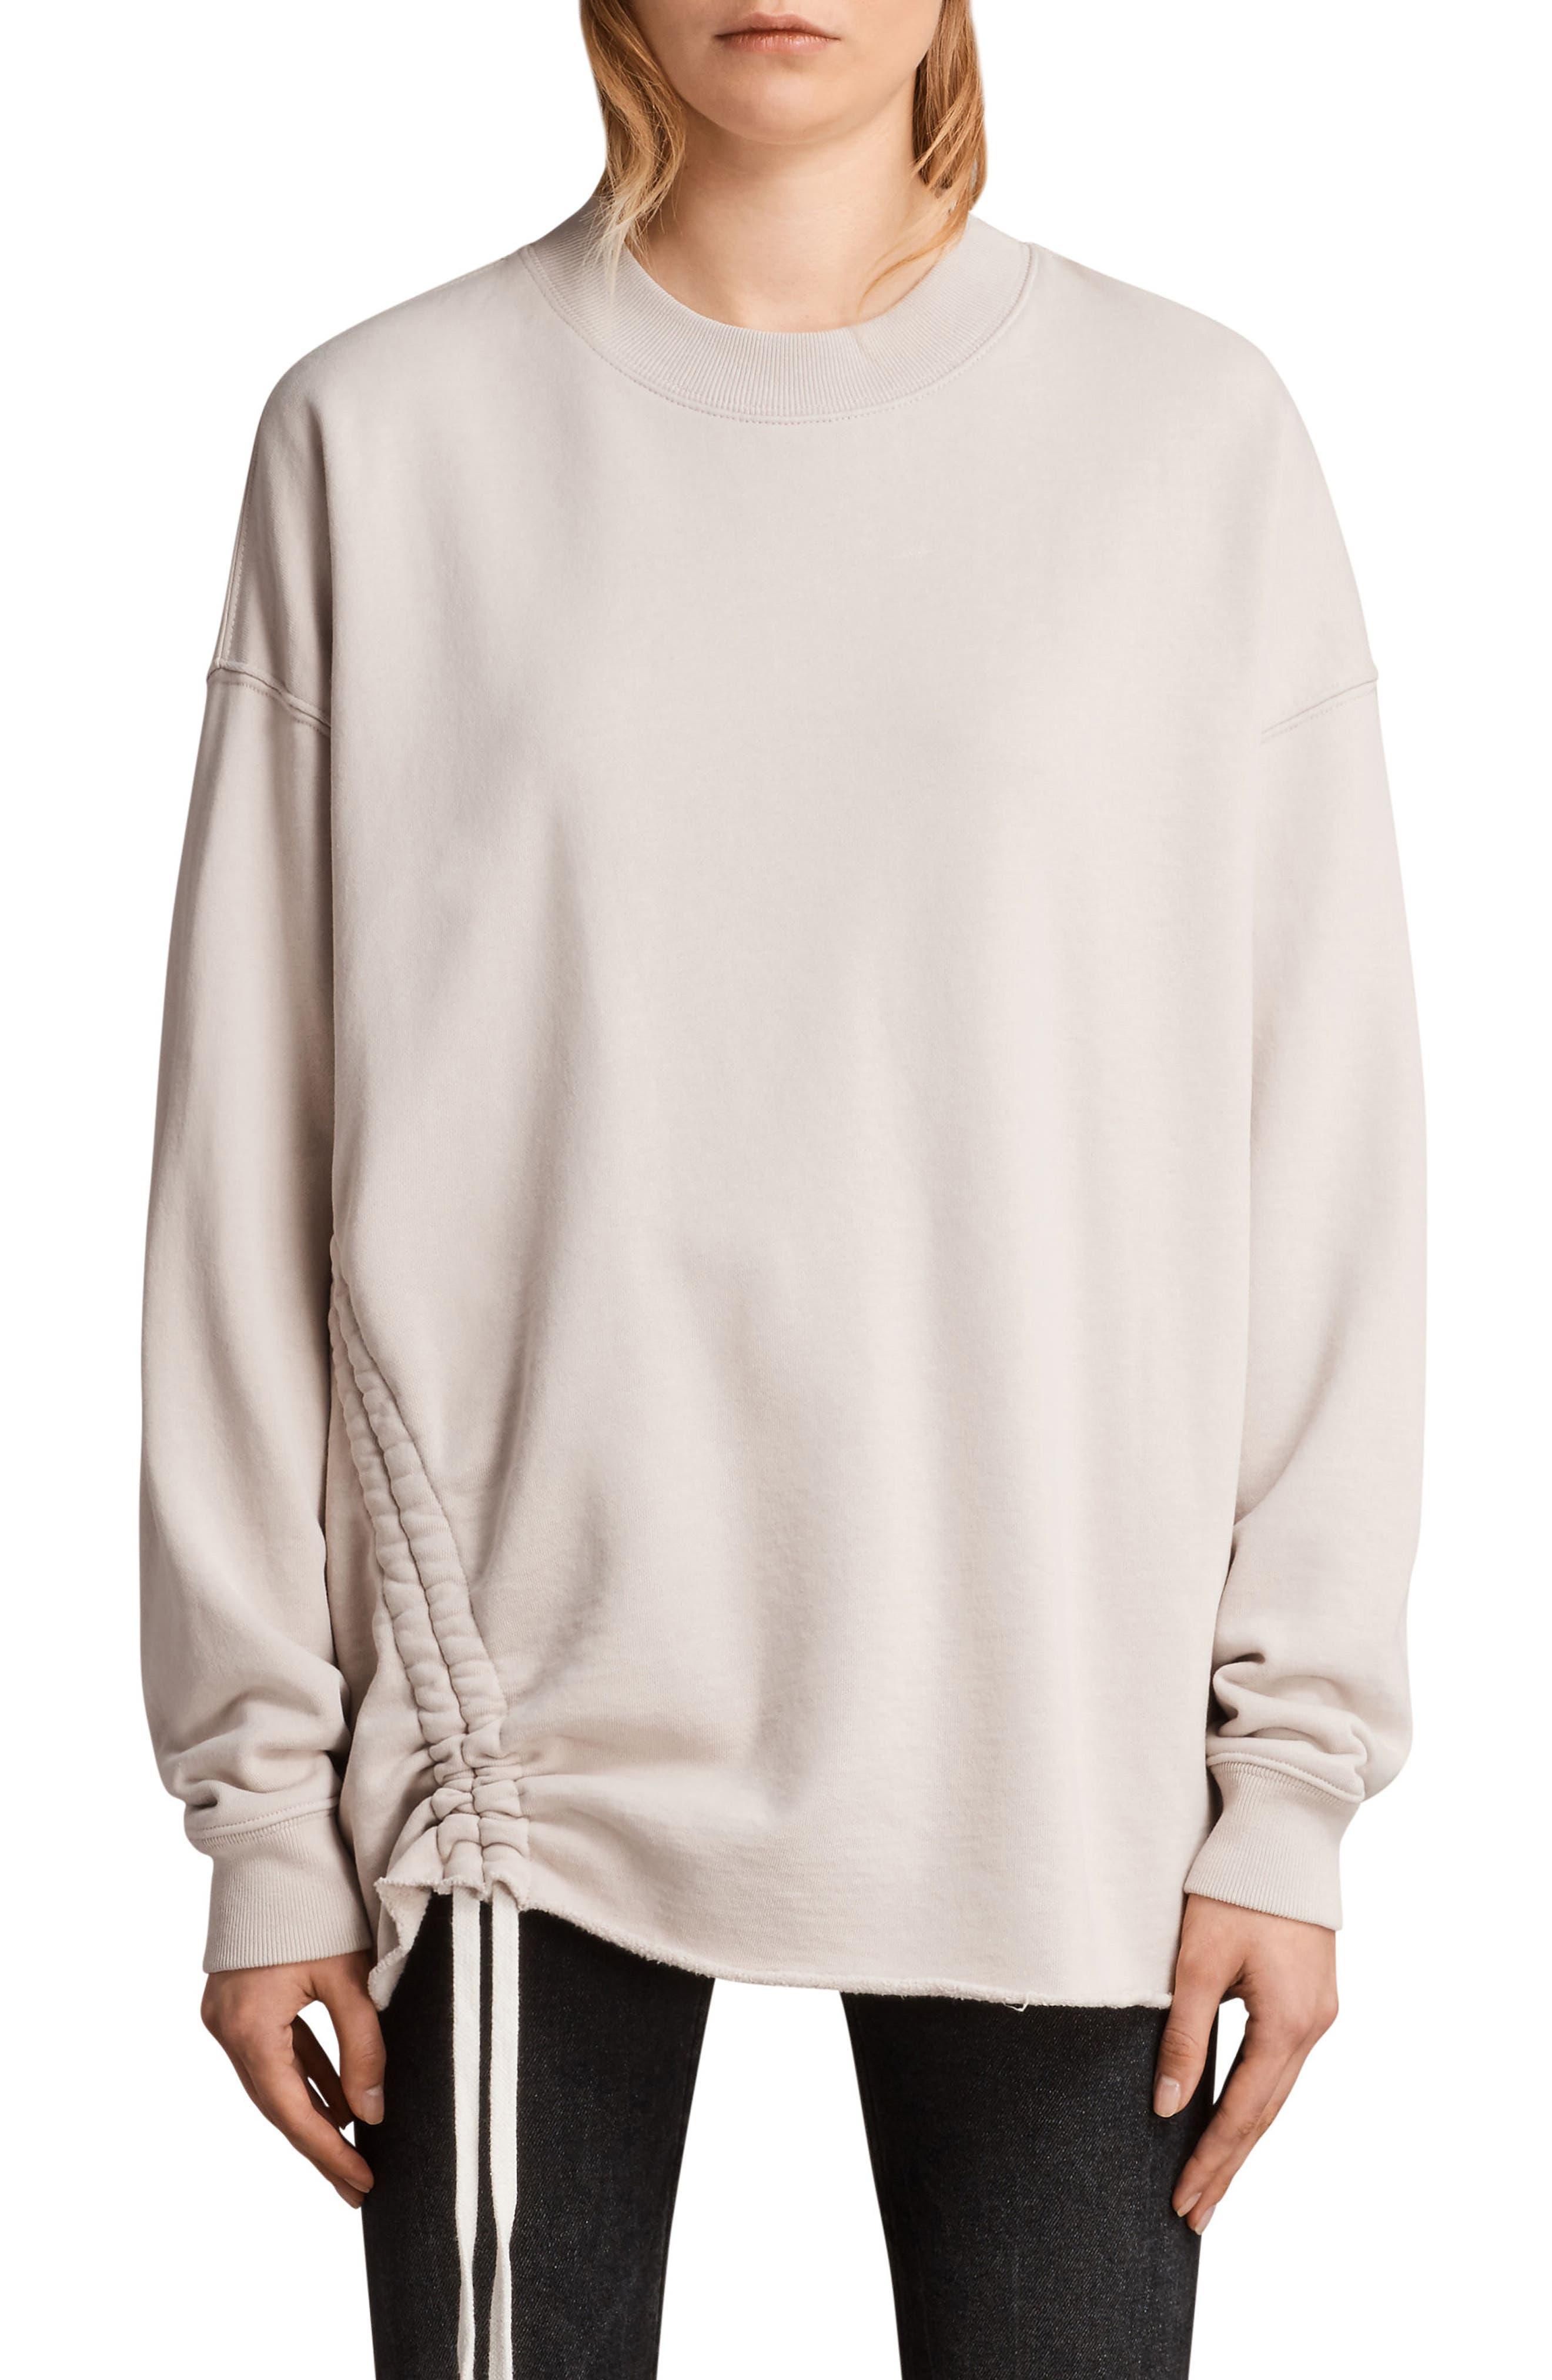 Able Sweatshirt,                             Main thumbnail 1, color,